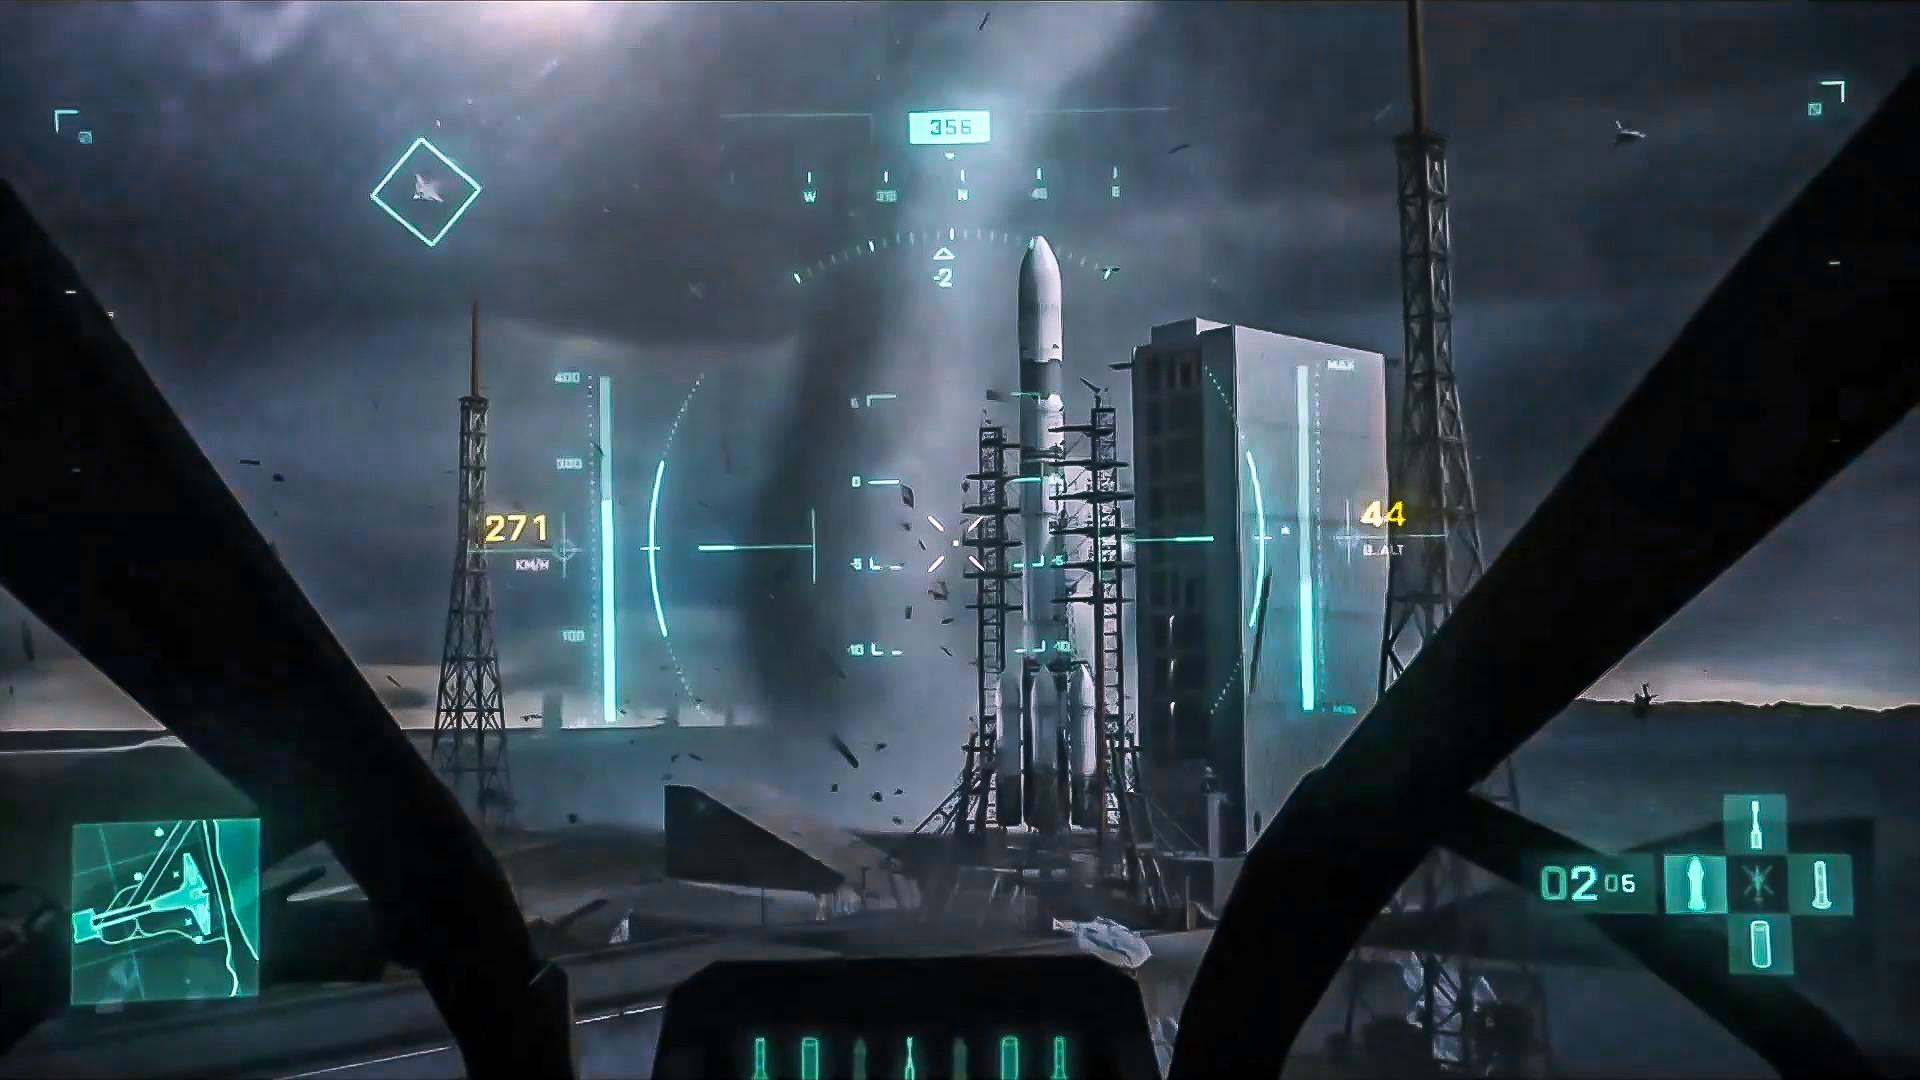 La fusée du trailer de Battlefield 6 - site grandpied